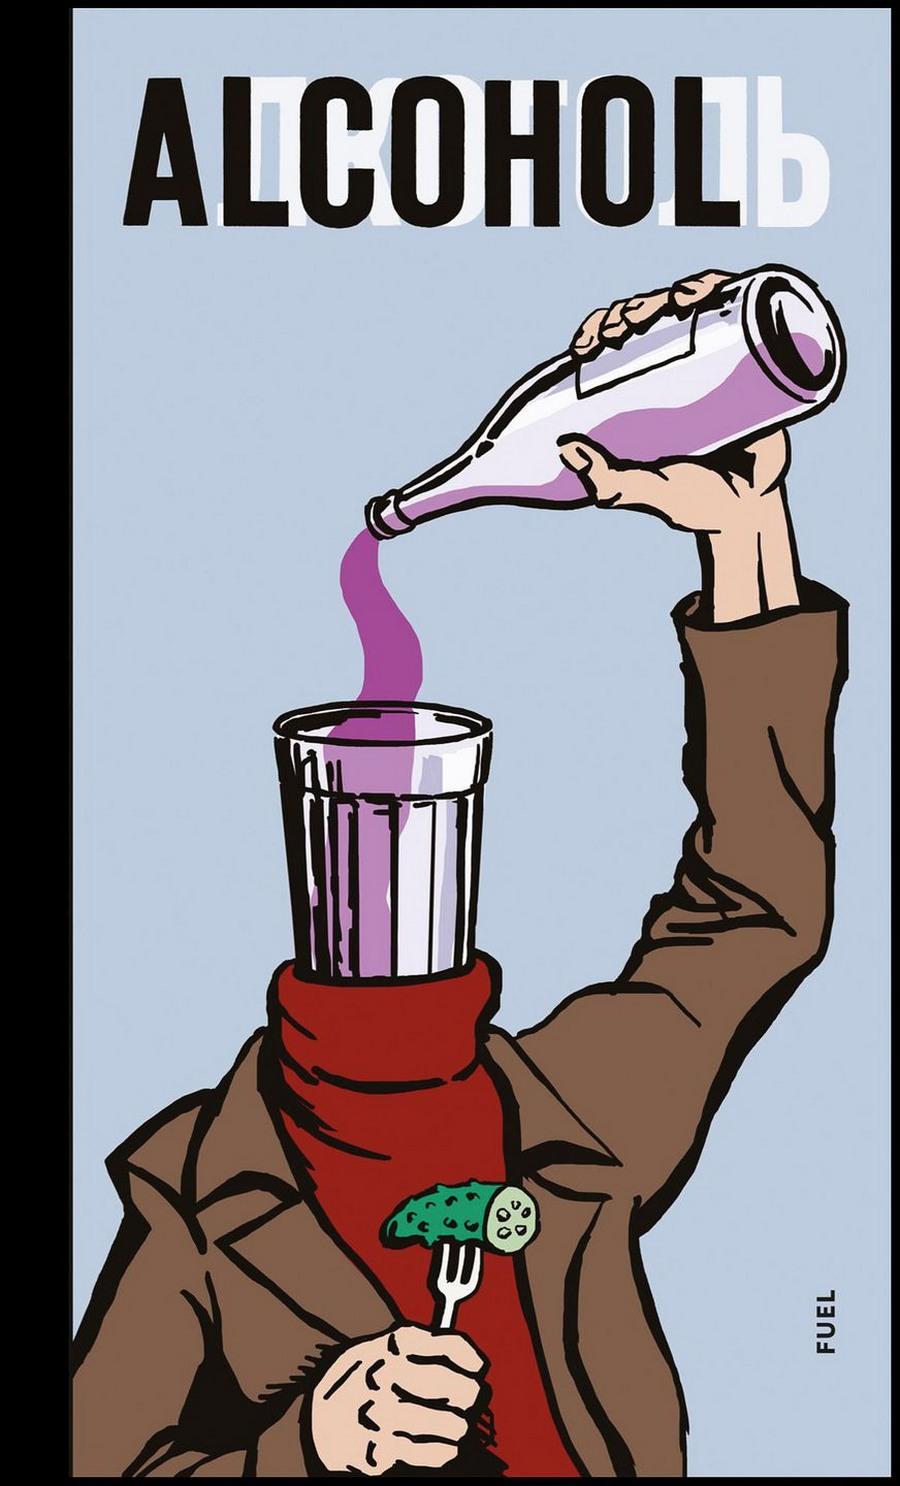 Пьянству бой: антиалкогольные советские плакаты  12